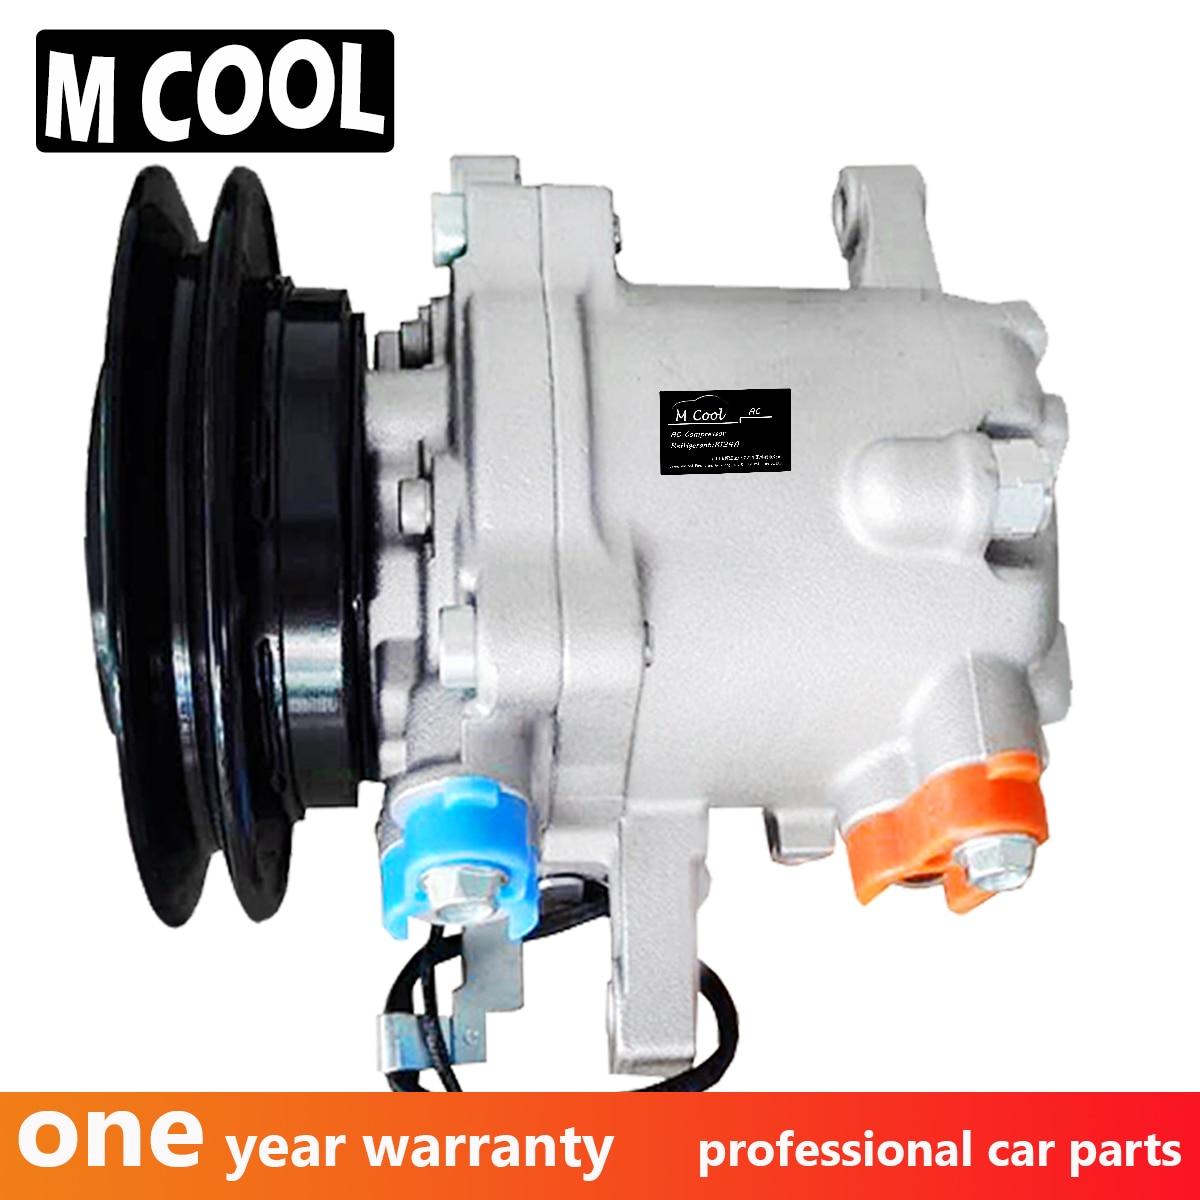 AC Compressor SERVICE KIT for Kubota M108S Tractor 3C581-50060 SV07E